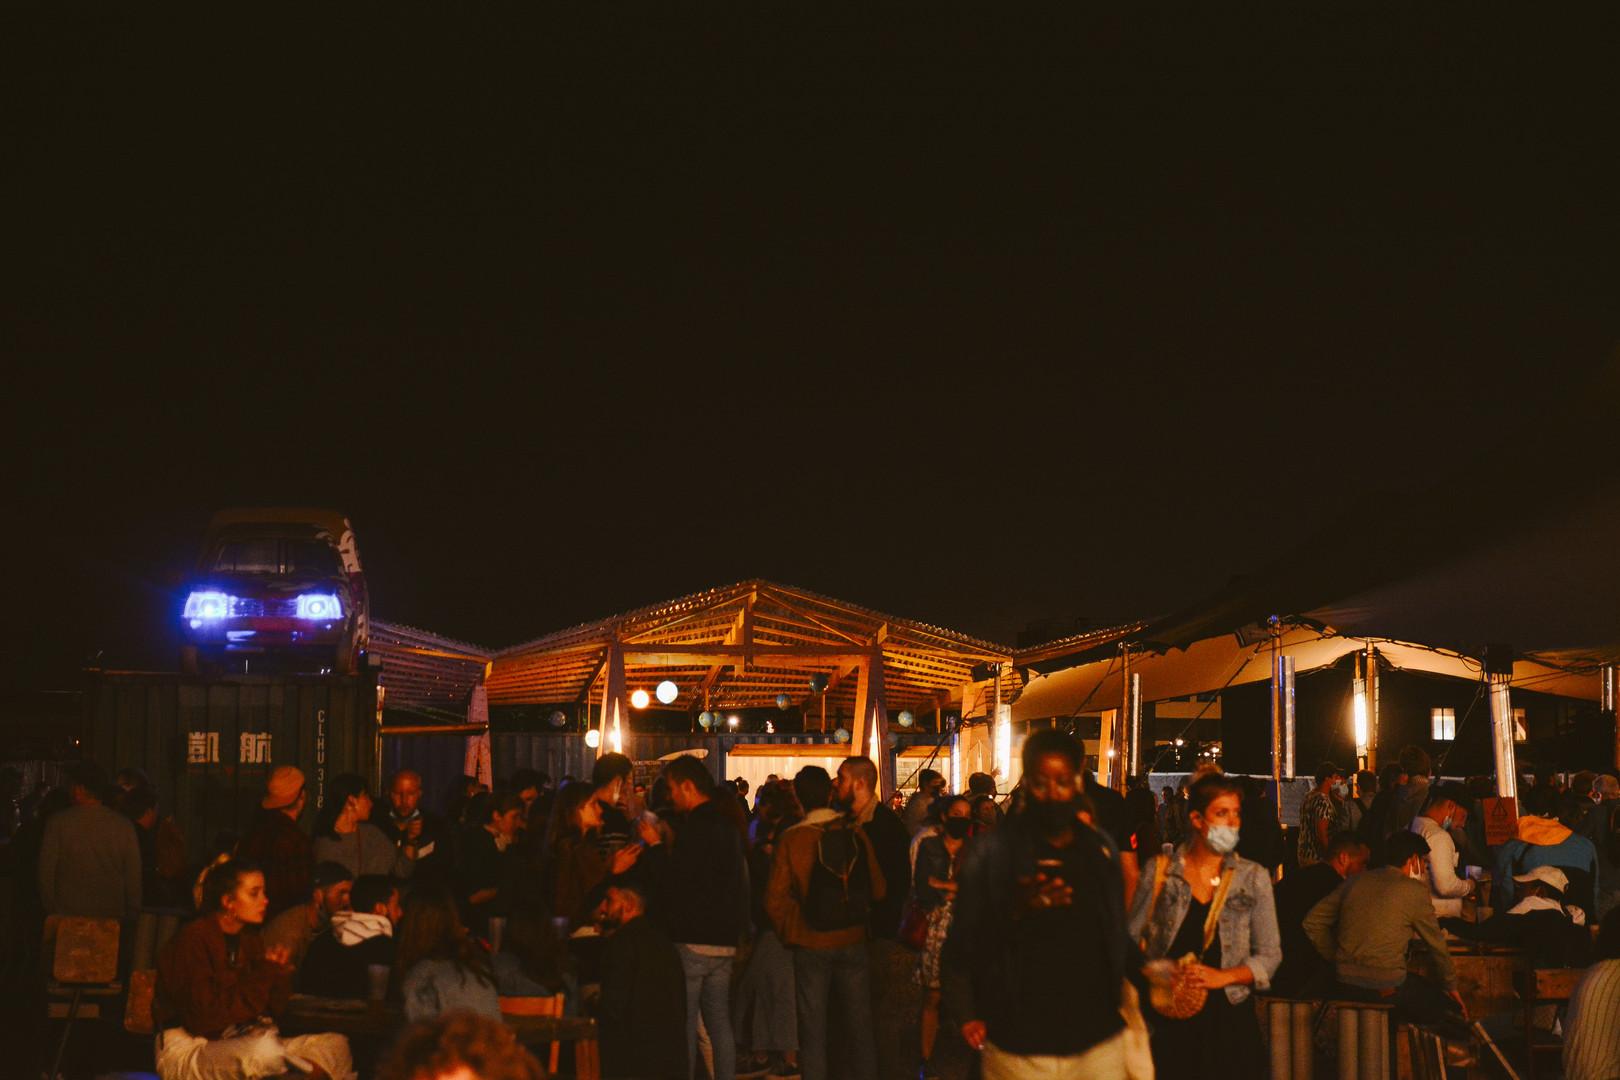 Agora et bar 2 nuit_.jpg